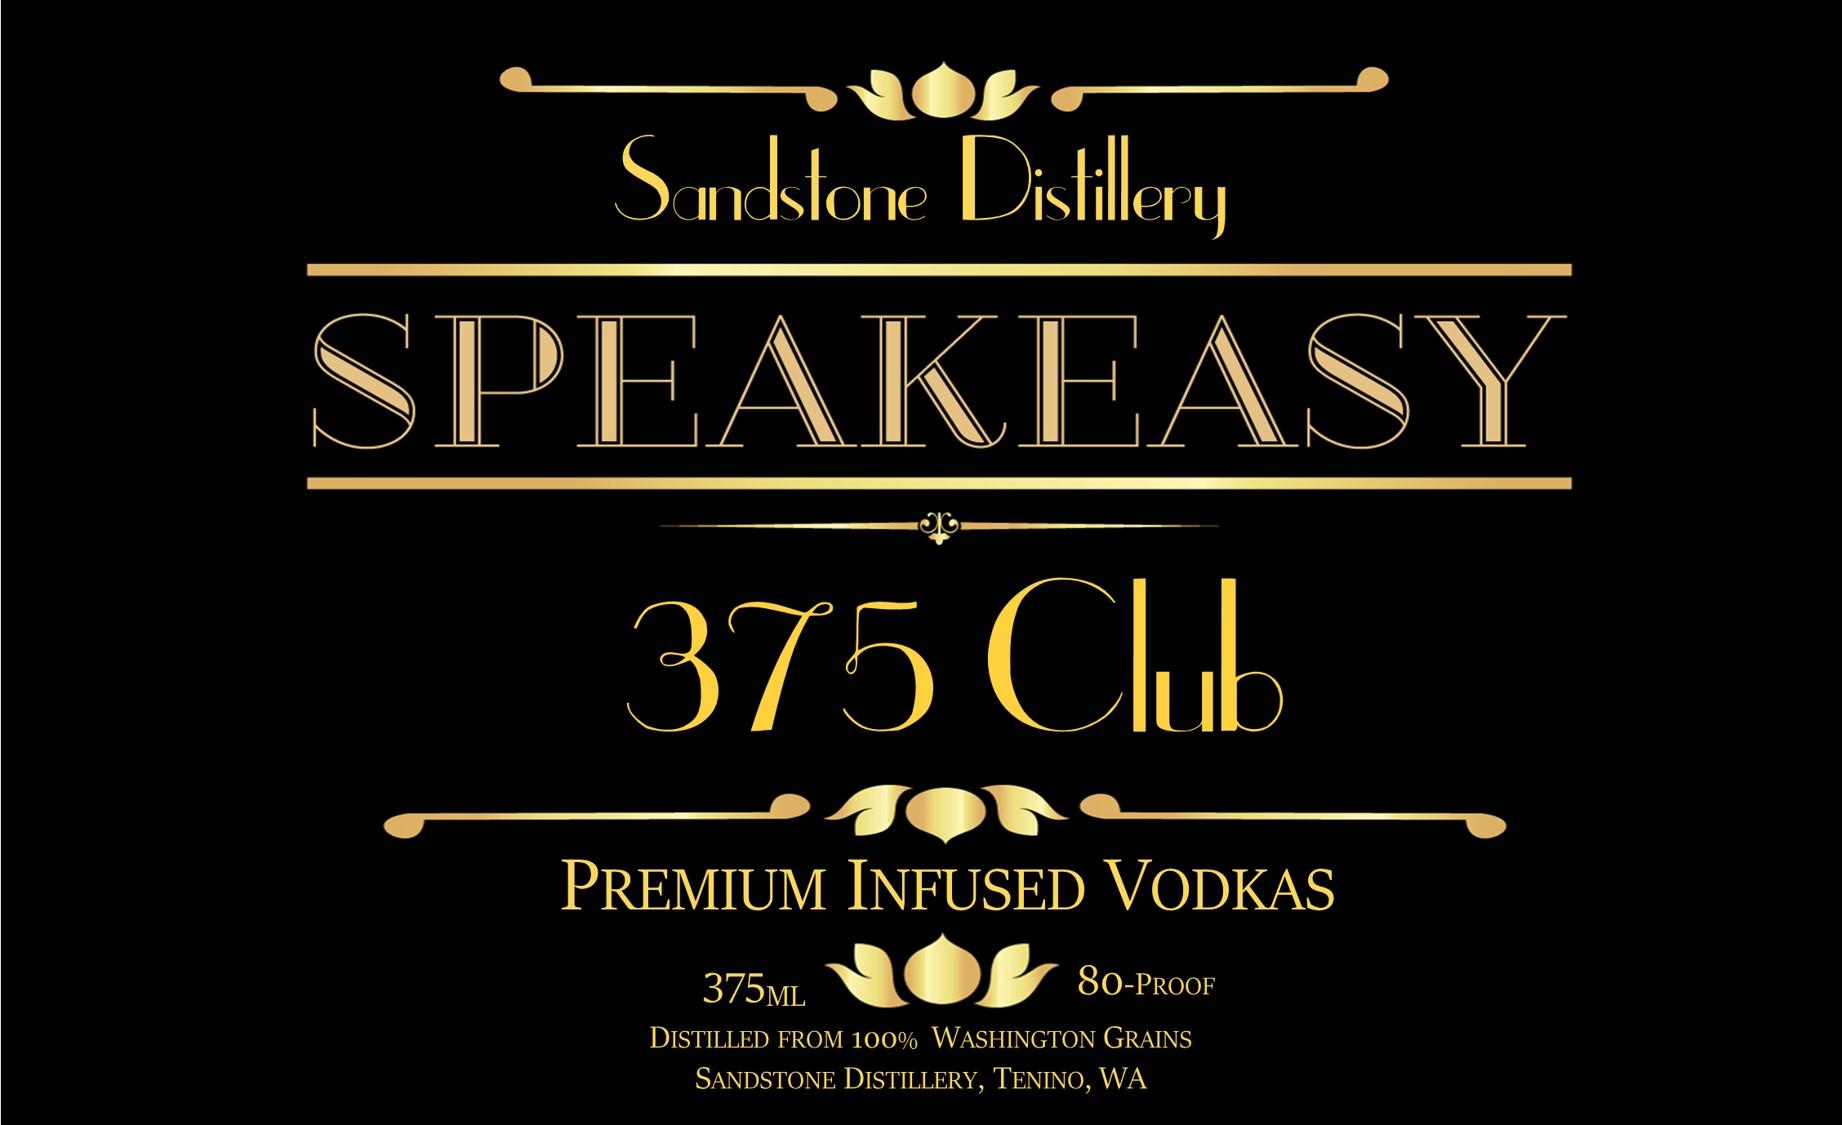 Speak Easy 375 Club - logo artwork,2.jpg